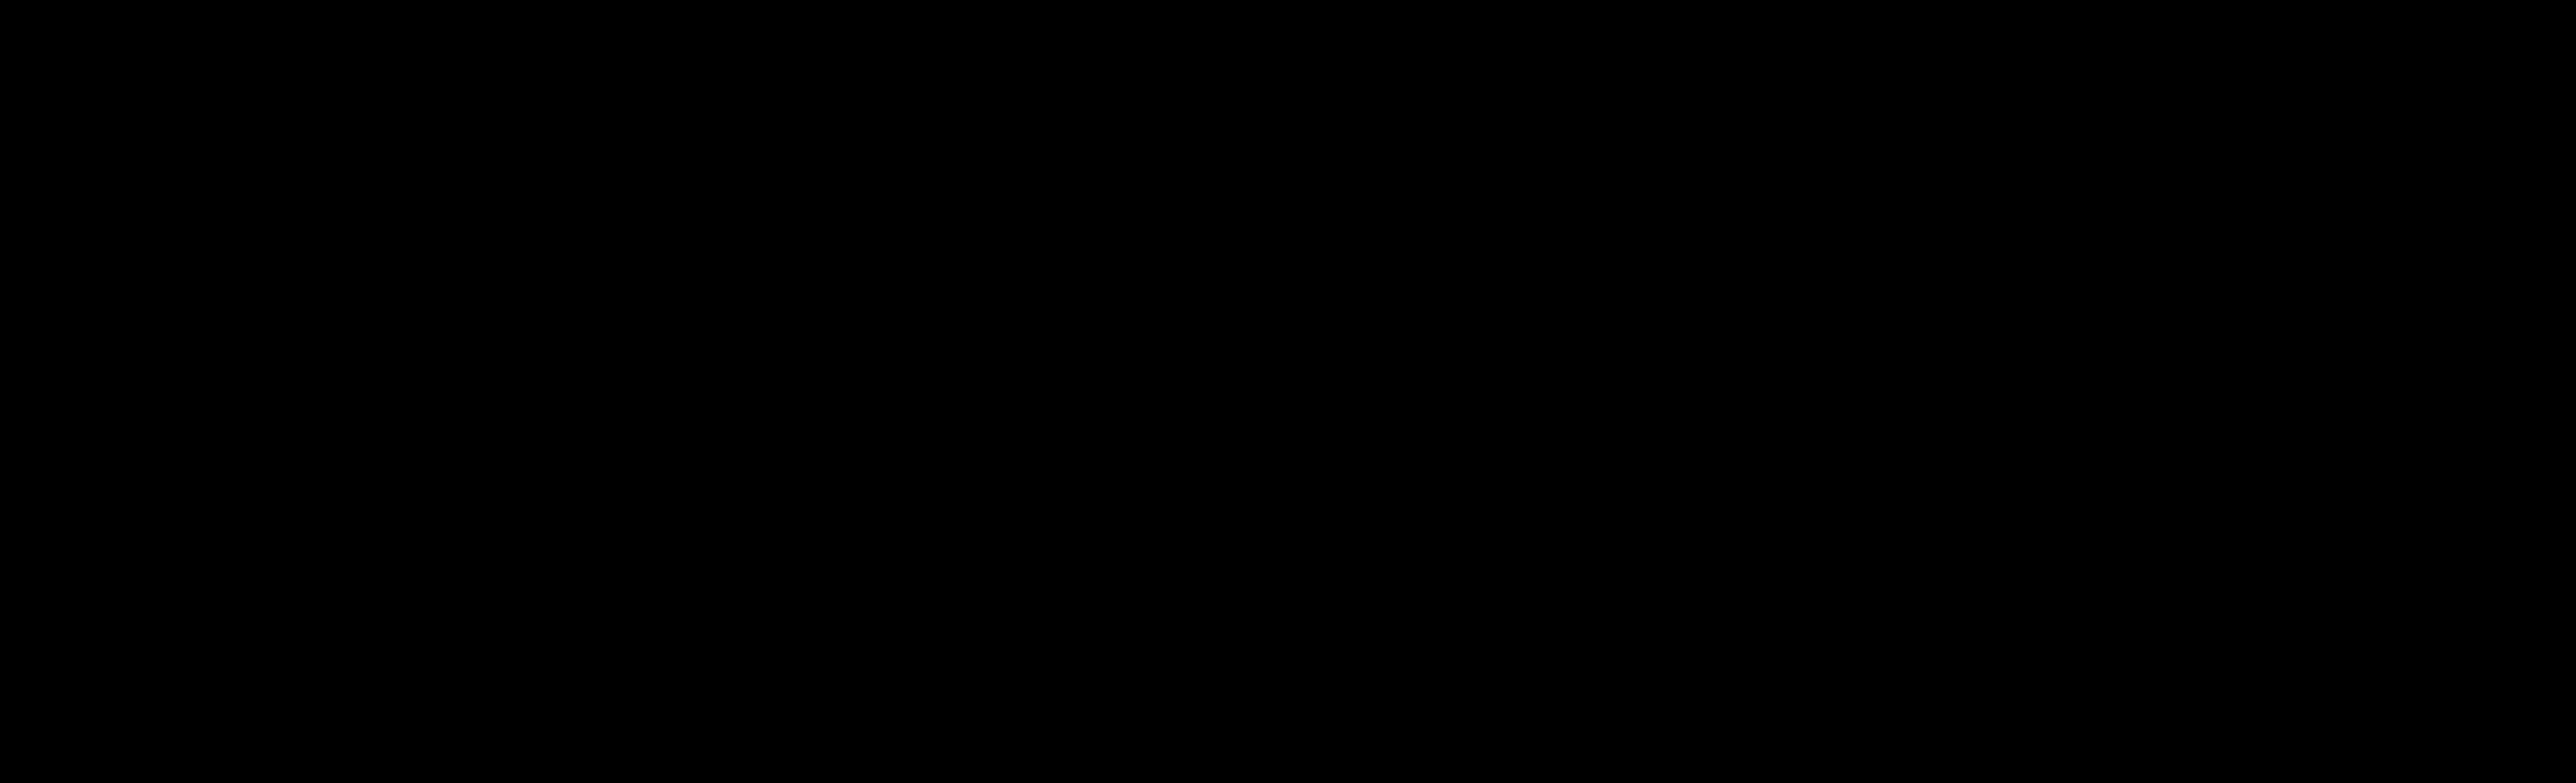 Luzern - Morgenstimmung